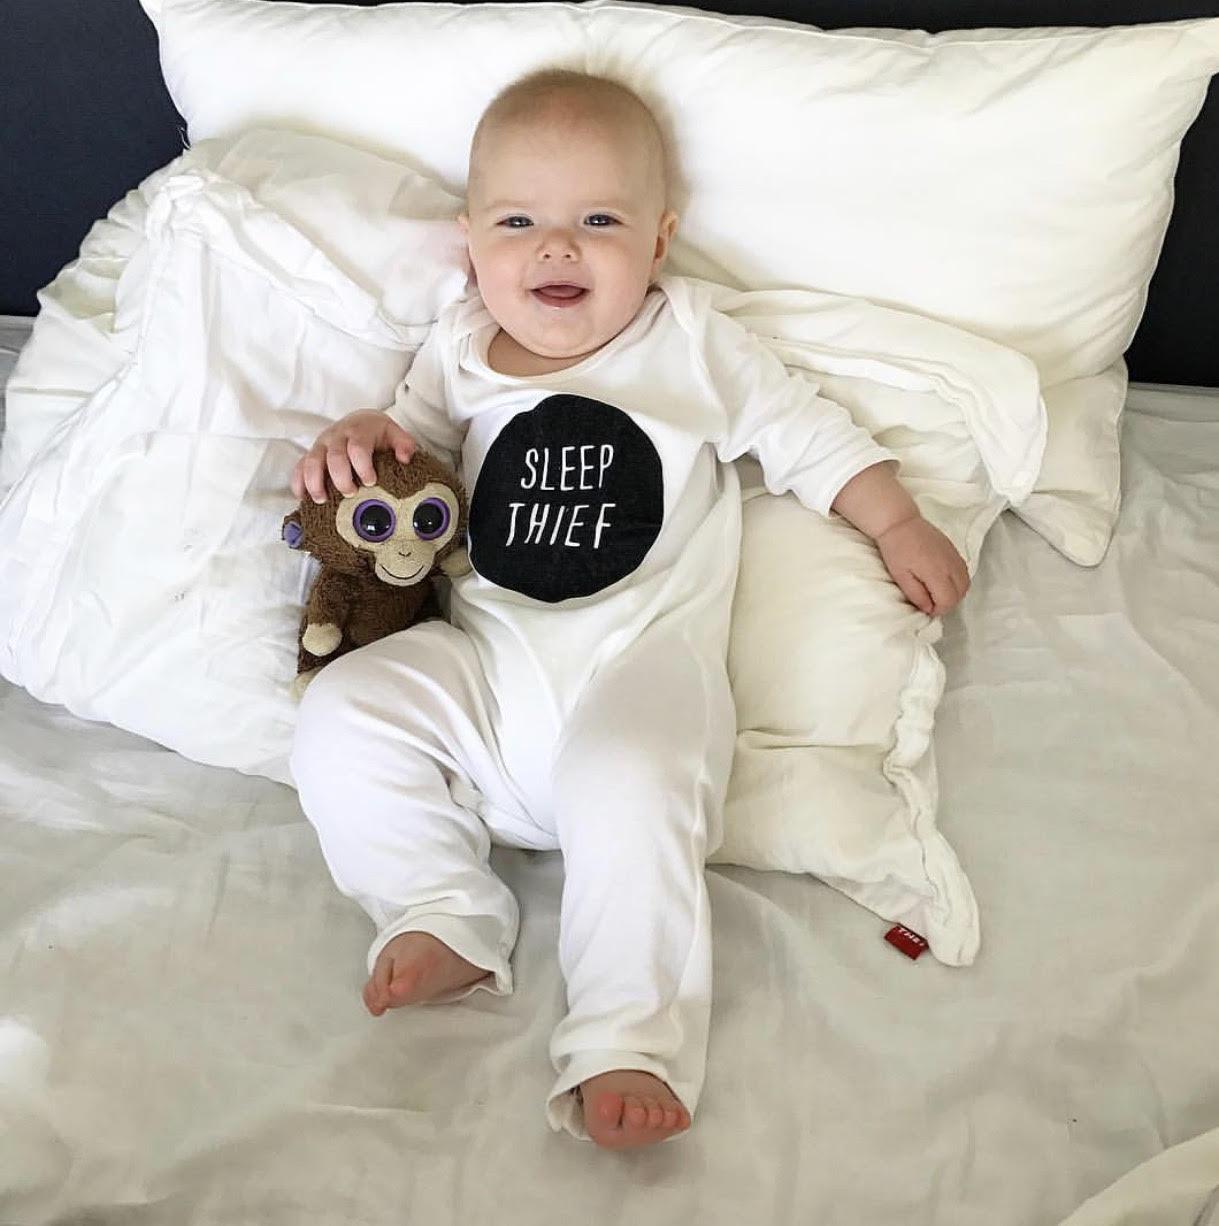 A Little Bit About Baby Sleep